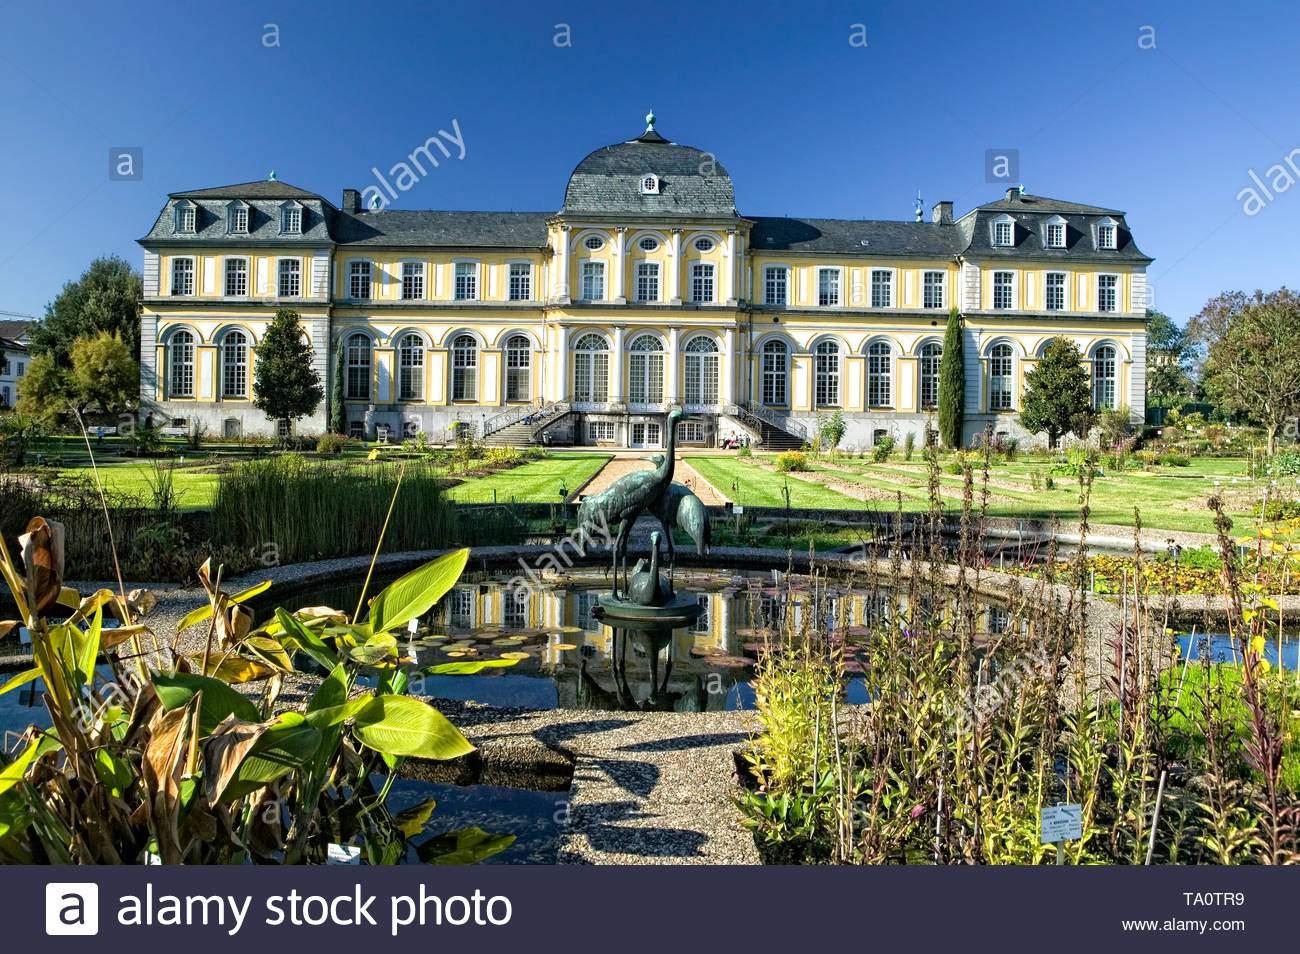 poppelsdorfer schloss botanischer garten bonn deutschland europa ta0tr9